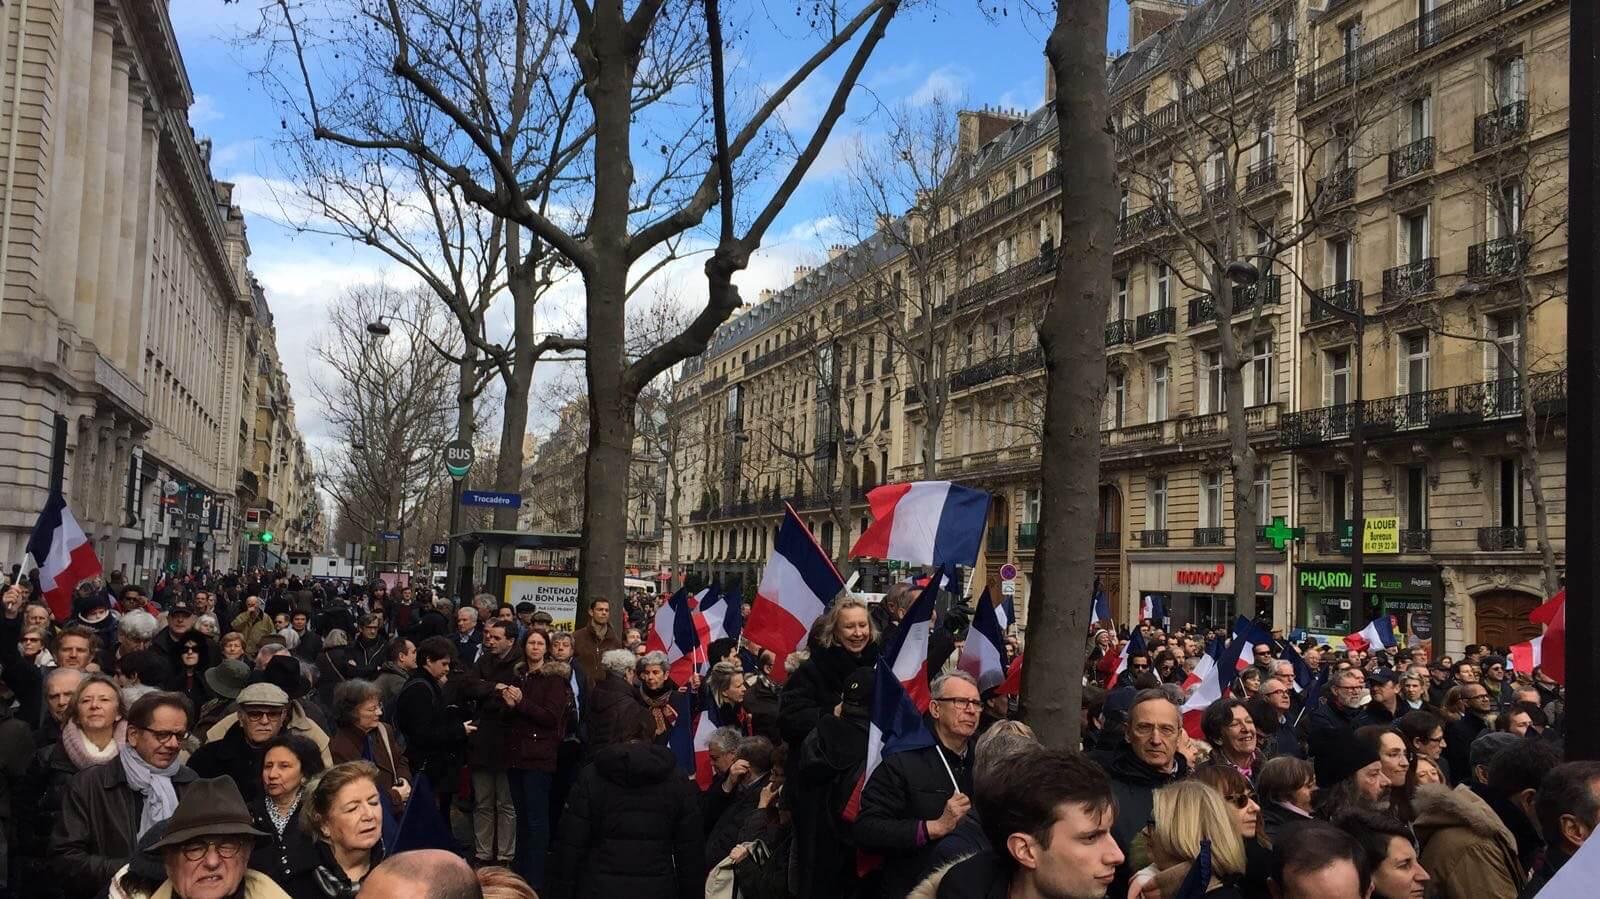 Демонстрация в поддержку Фийона, 5 марта